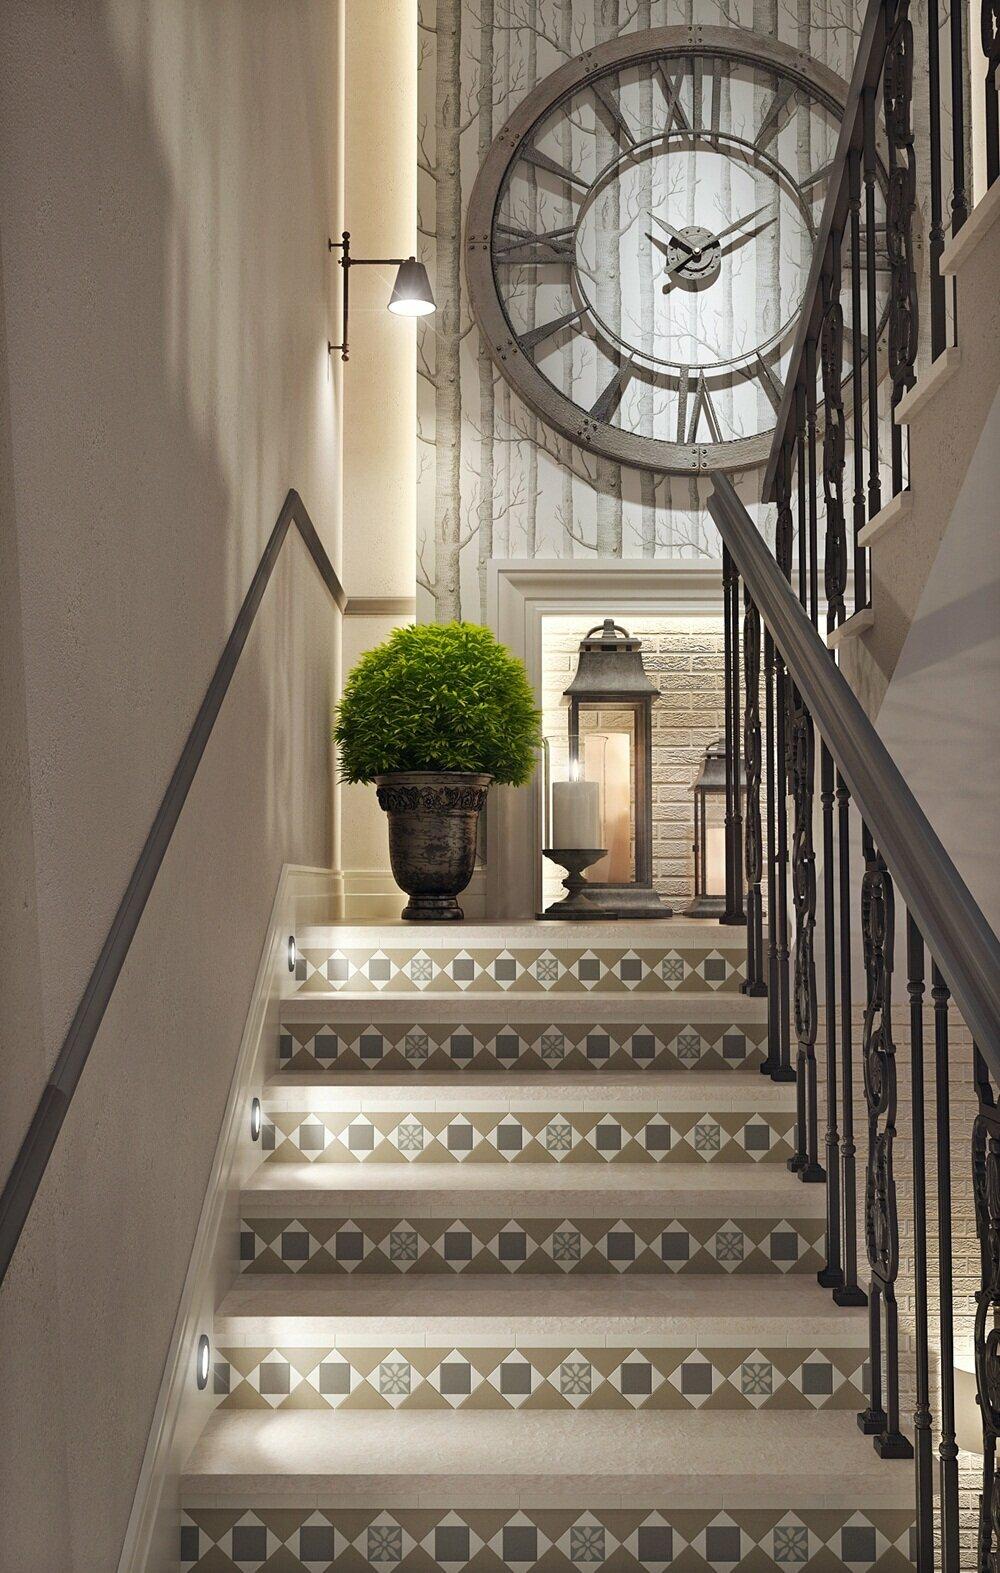 фотообои на лестнице в частном доме фото компании подчеркивают, что